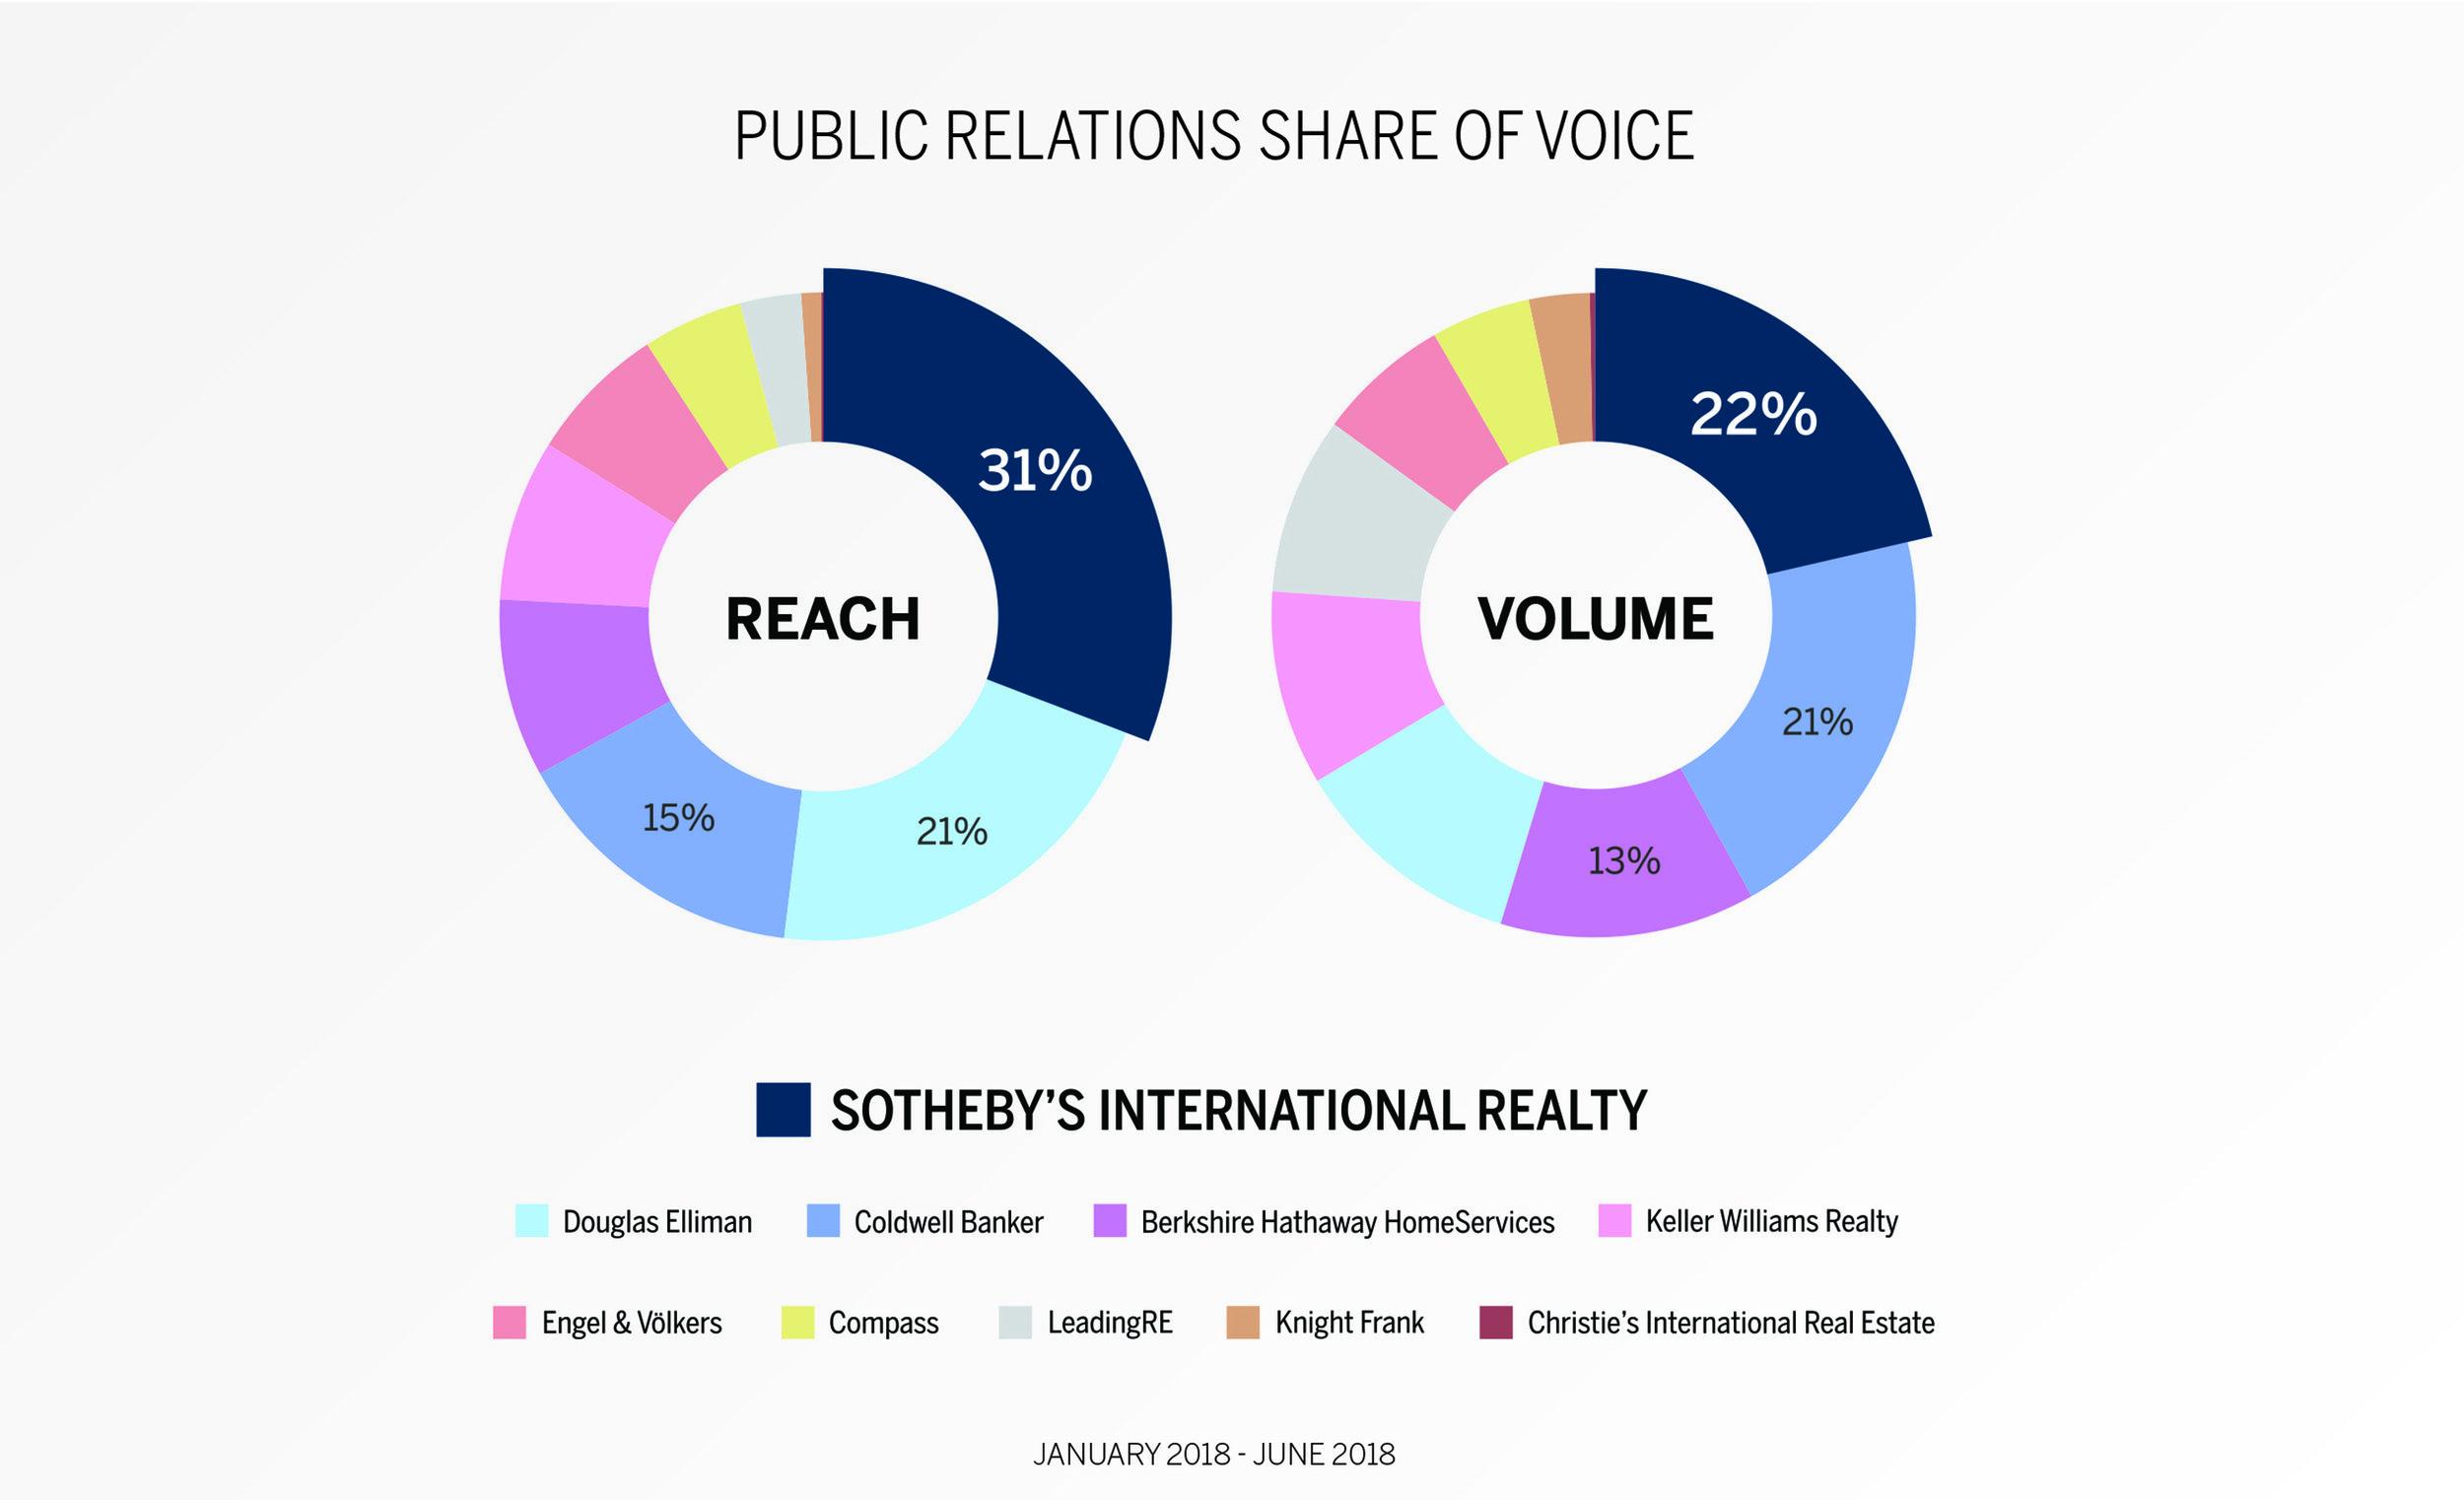 VoiceOFLuxury3.jpg